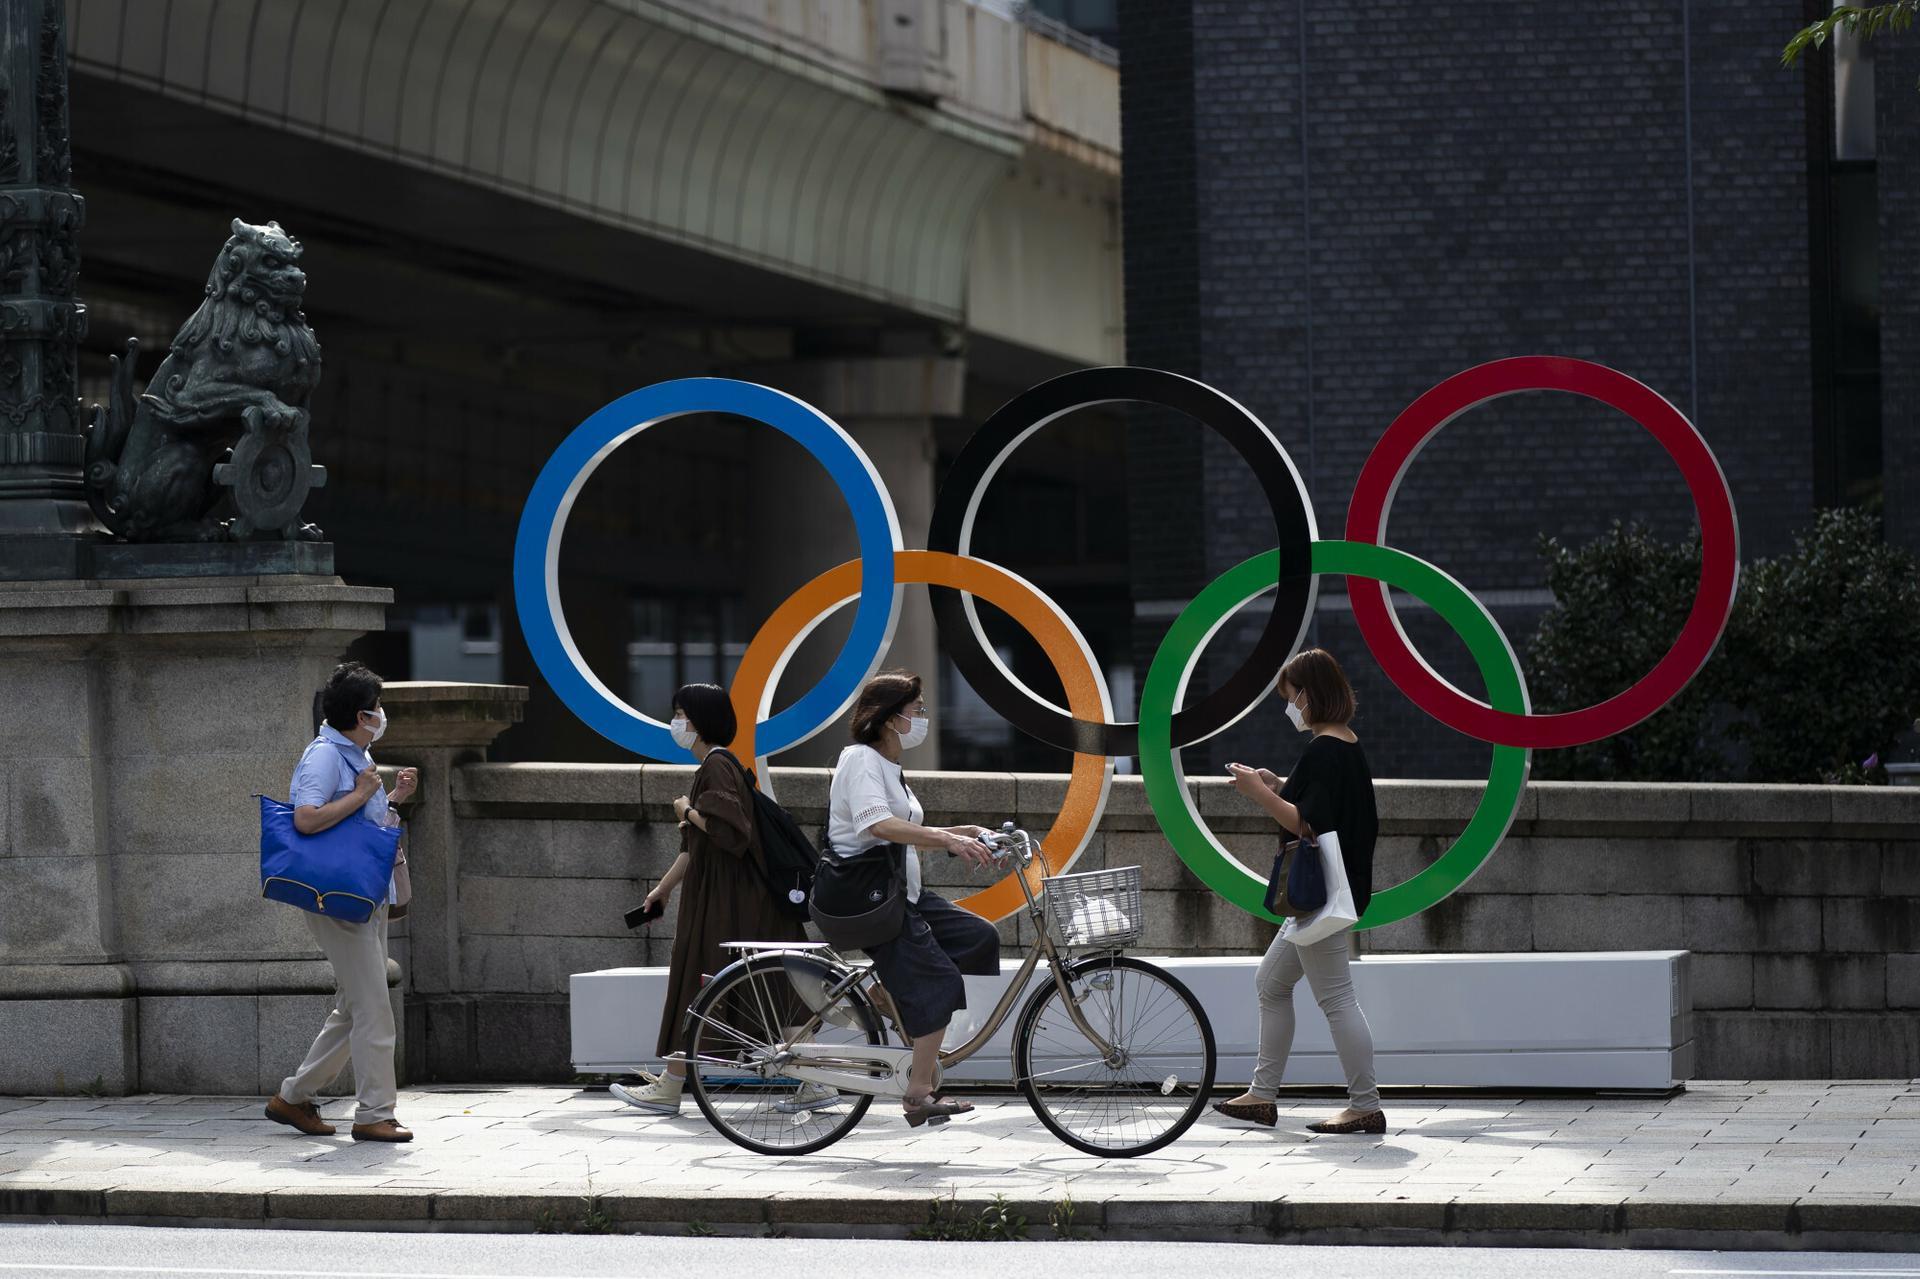 Igrzyska Olimpijskie 2021 - CEREMONIA OTWARCIA. Kiedy, gdzie i o której godzinie? - ESKA.pl